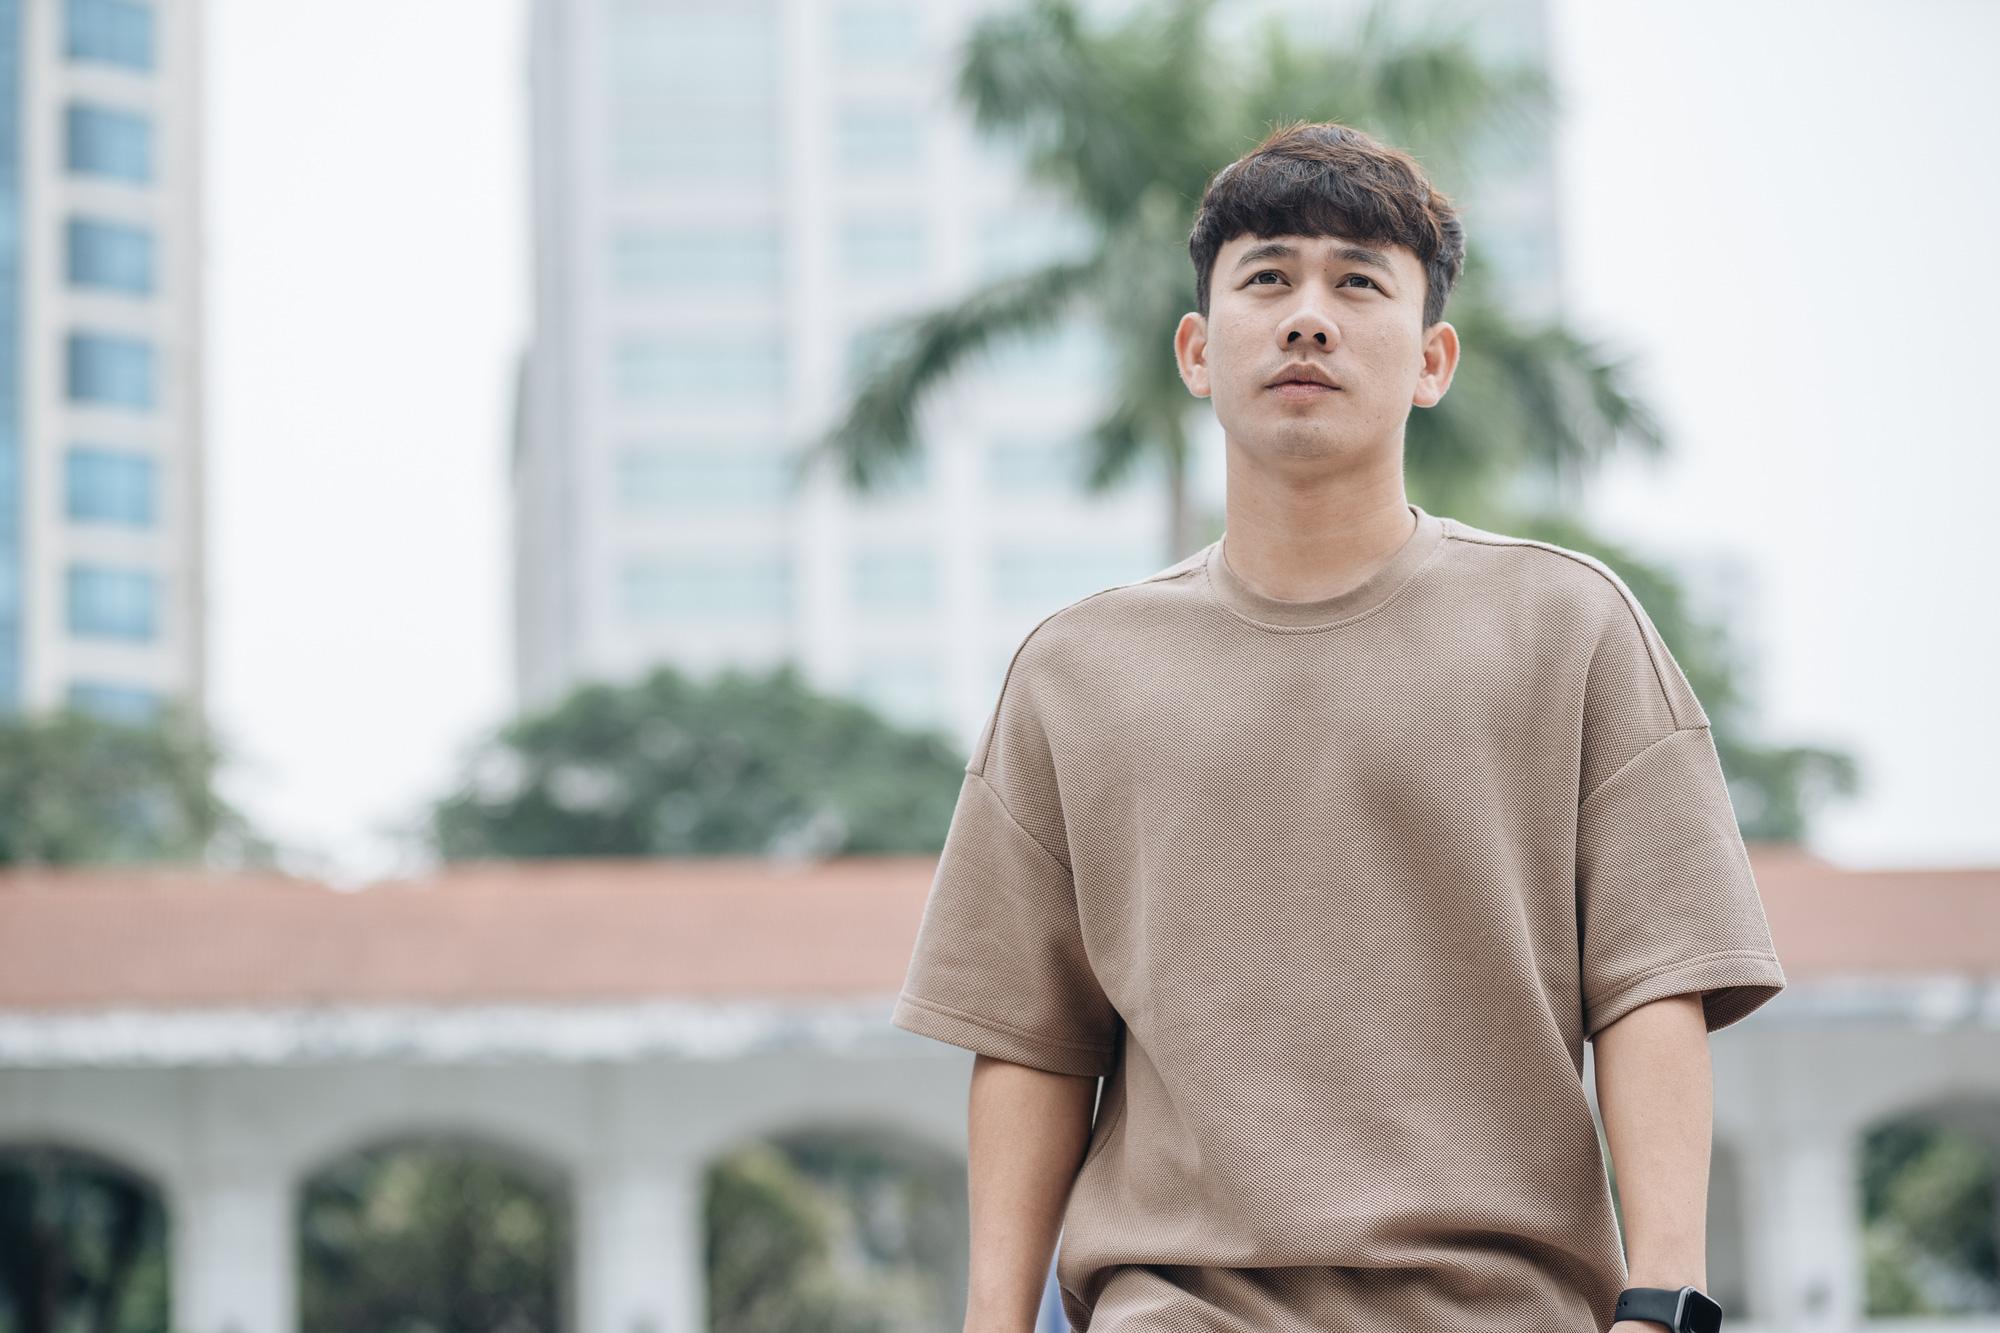 """Cầu thủ Minh Vương và hành trình ước mơ với trái bóng tròn: """"Chưa bao giờ tôi hối hận vì đã chọn đá bóng!"""" - Ảnh 3."""